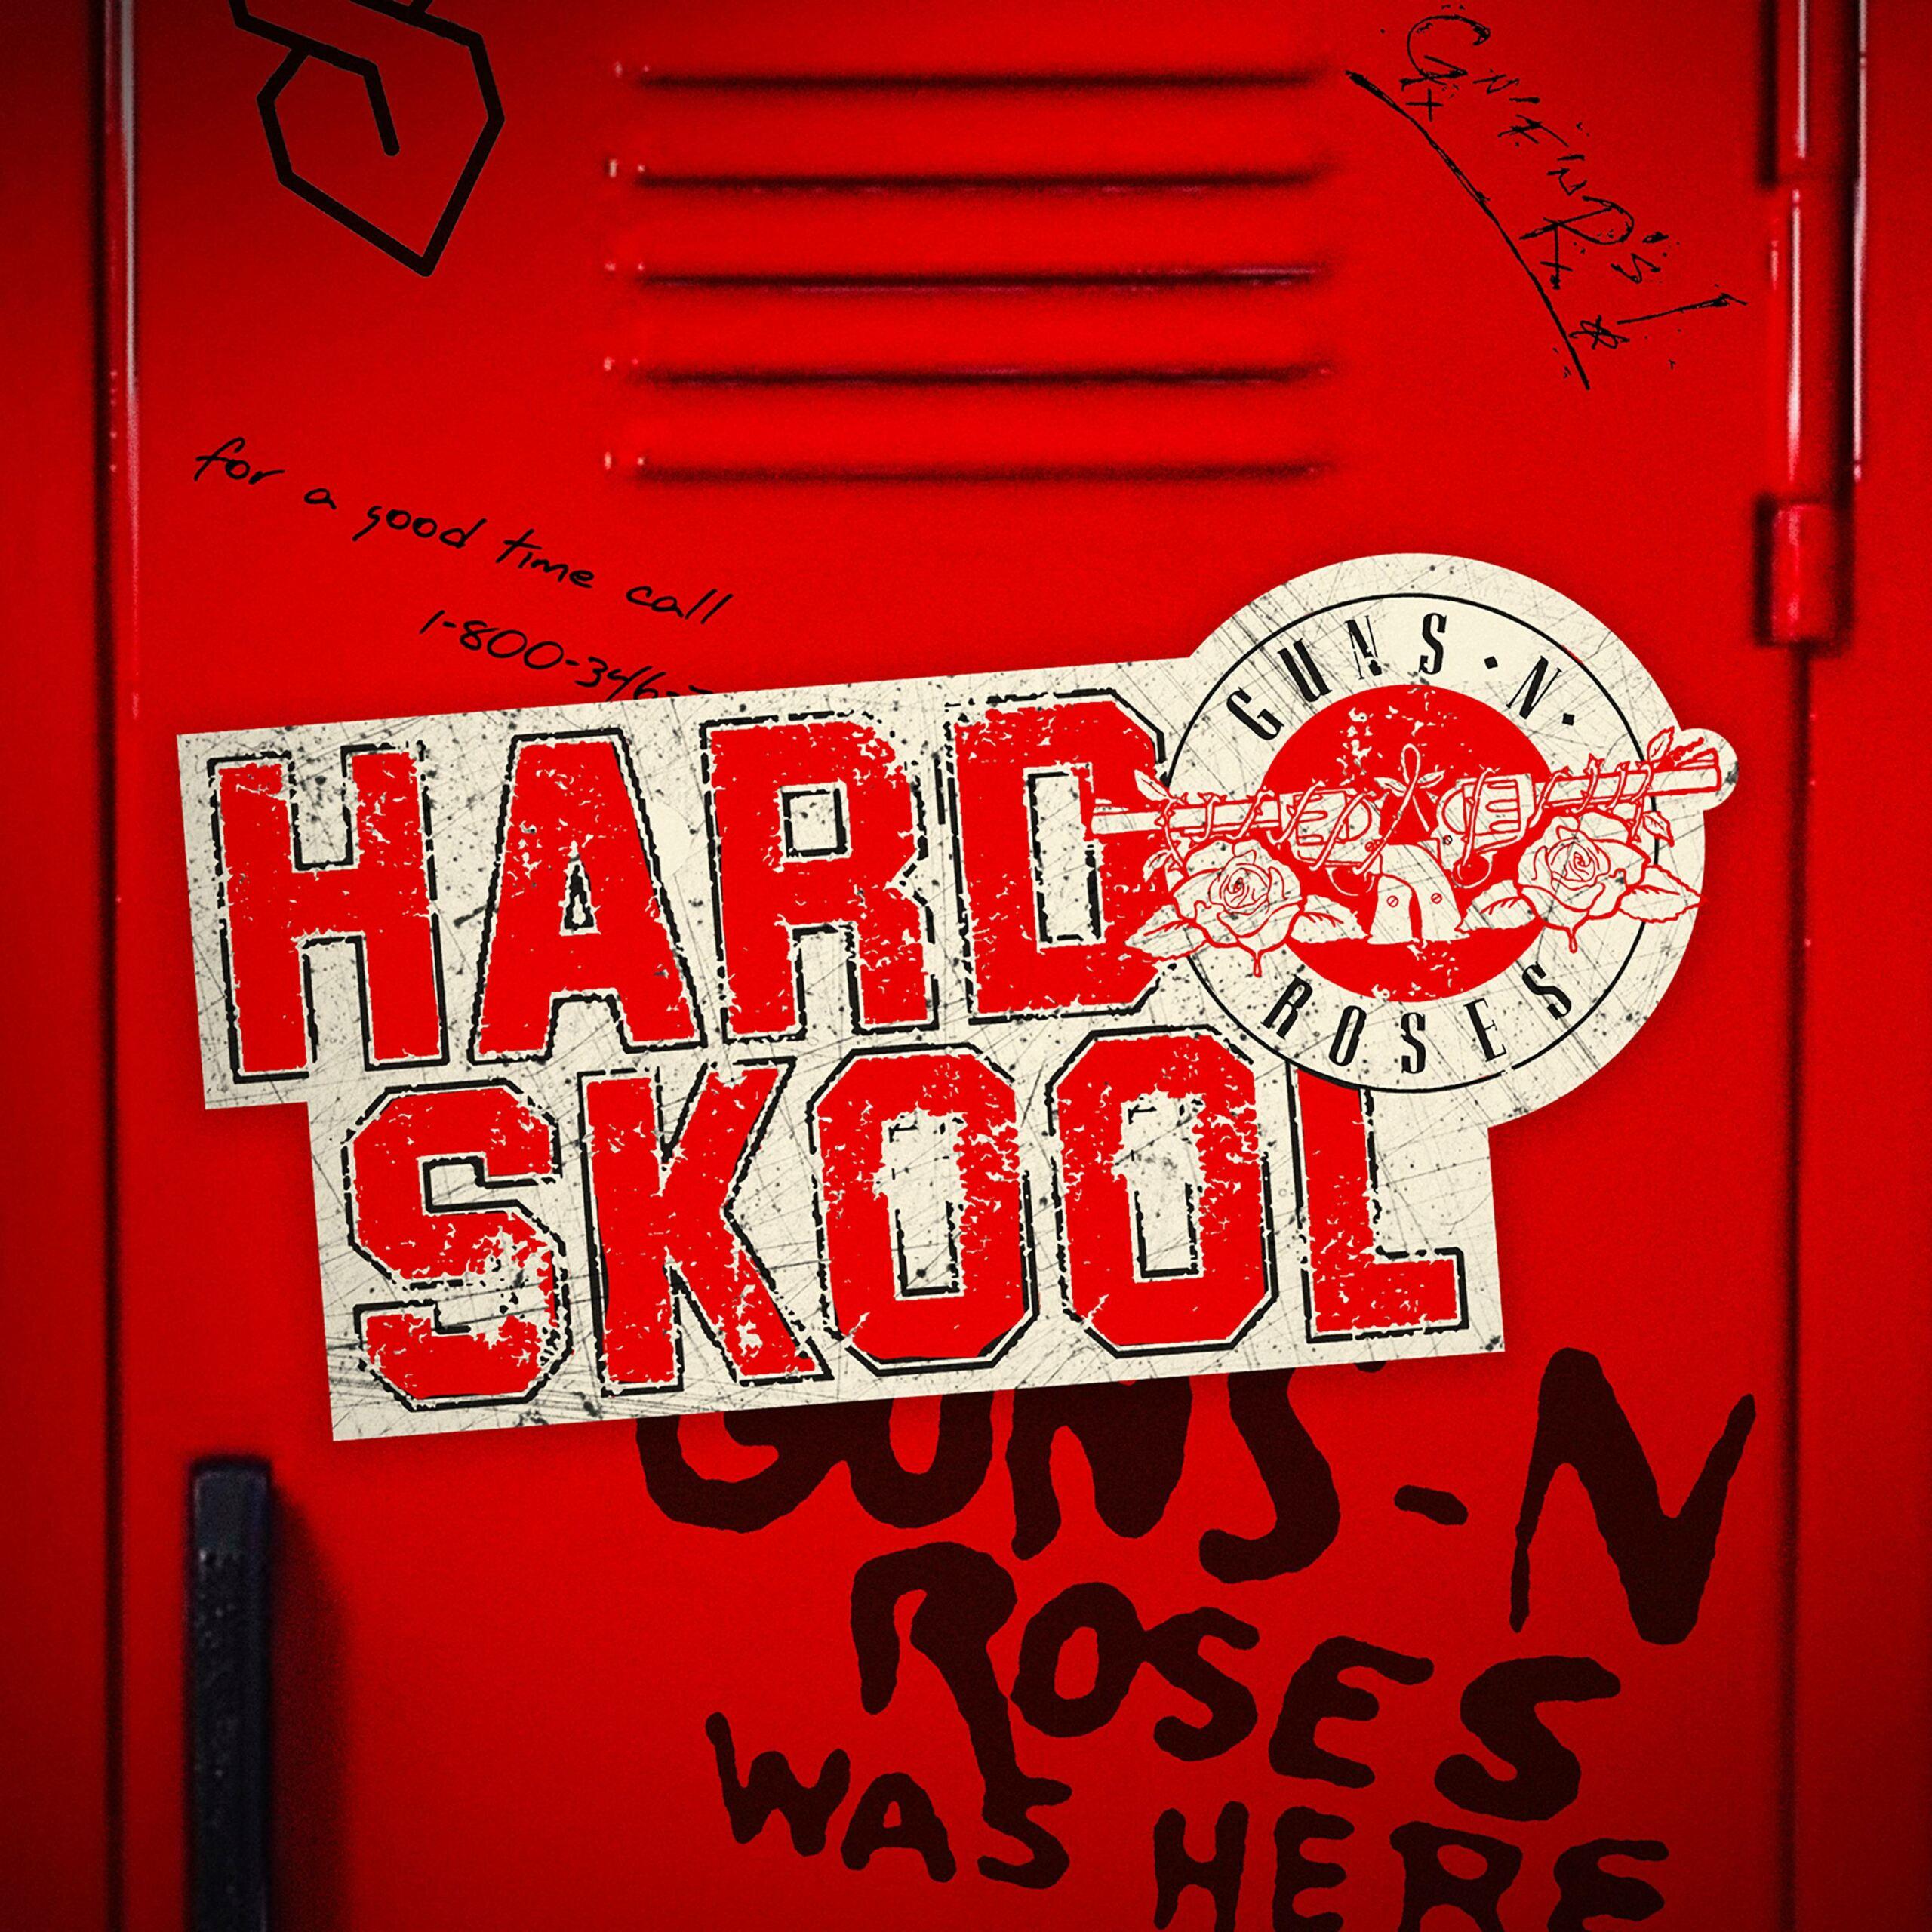 Hard Skool Otivh810